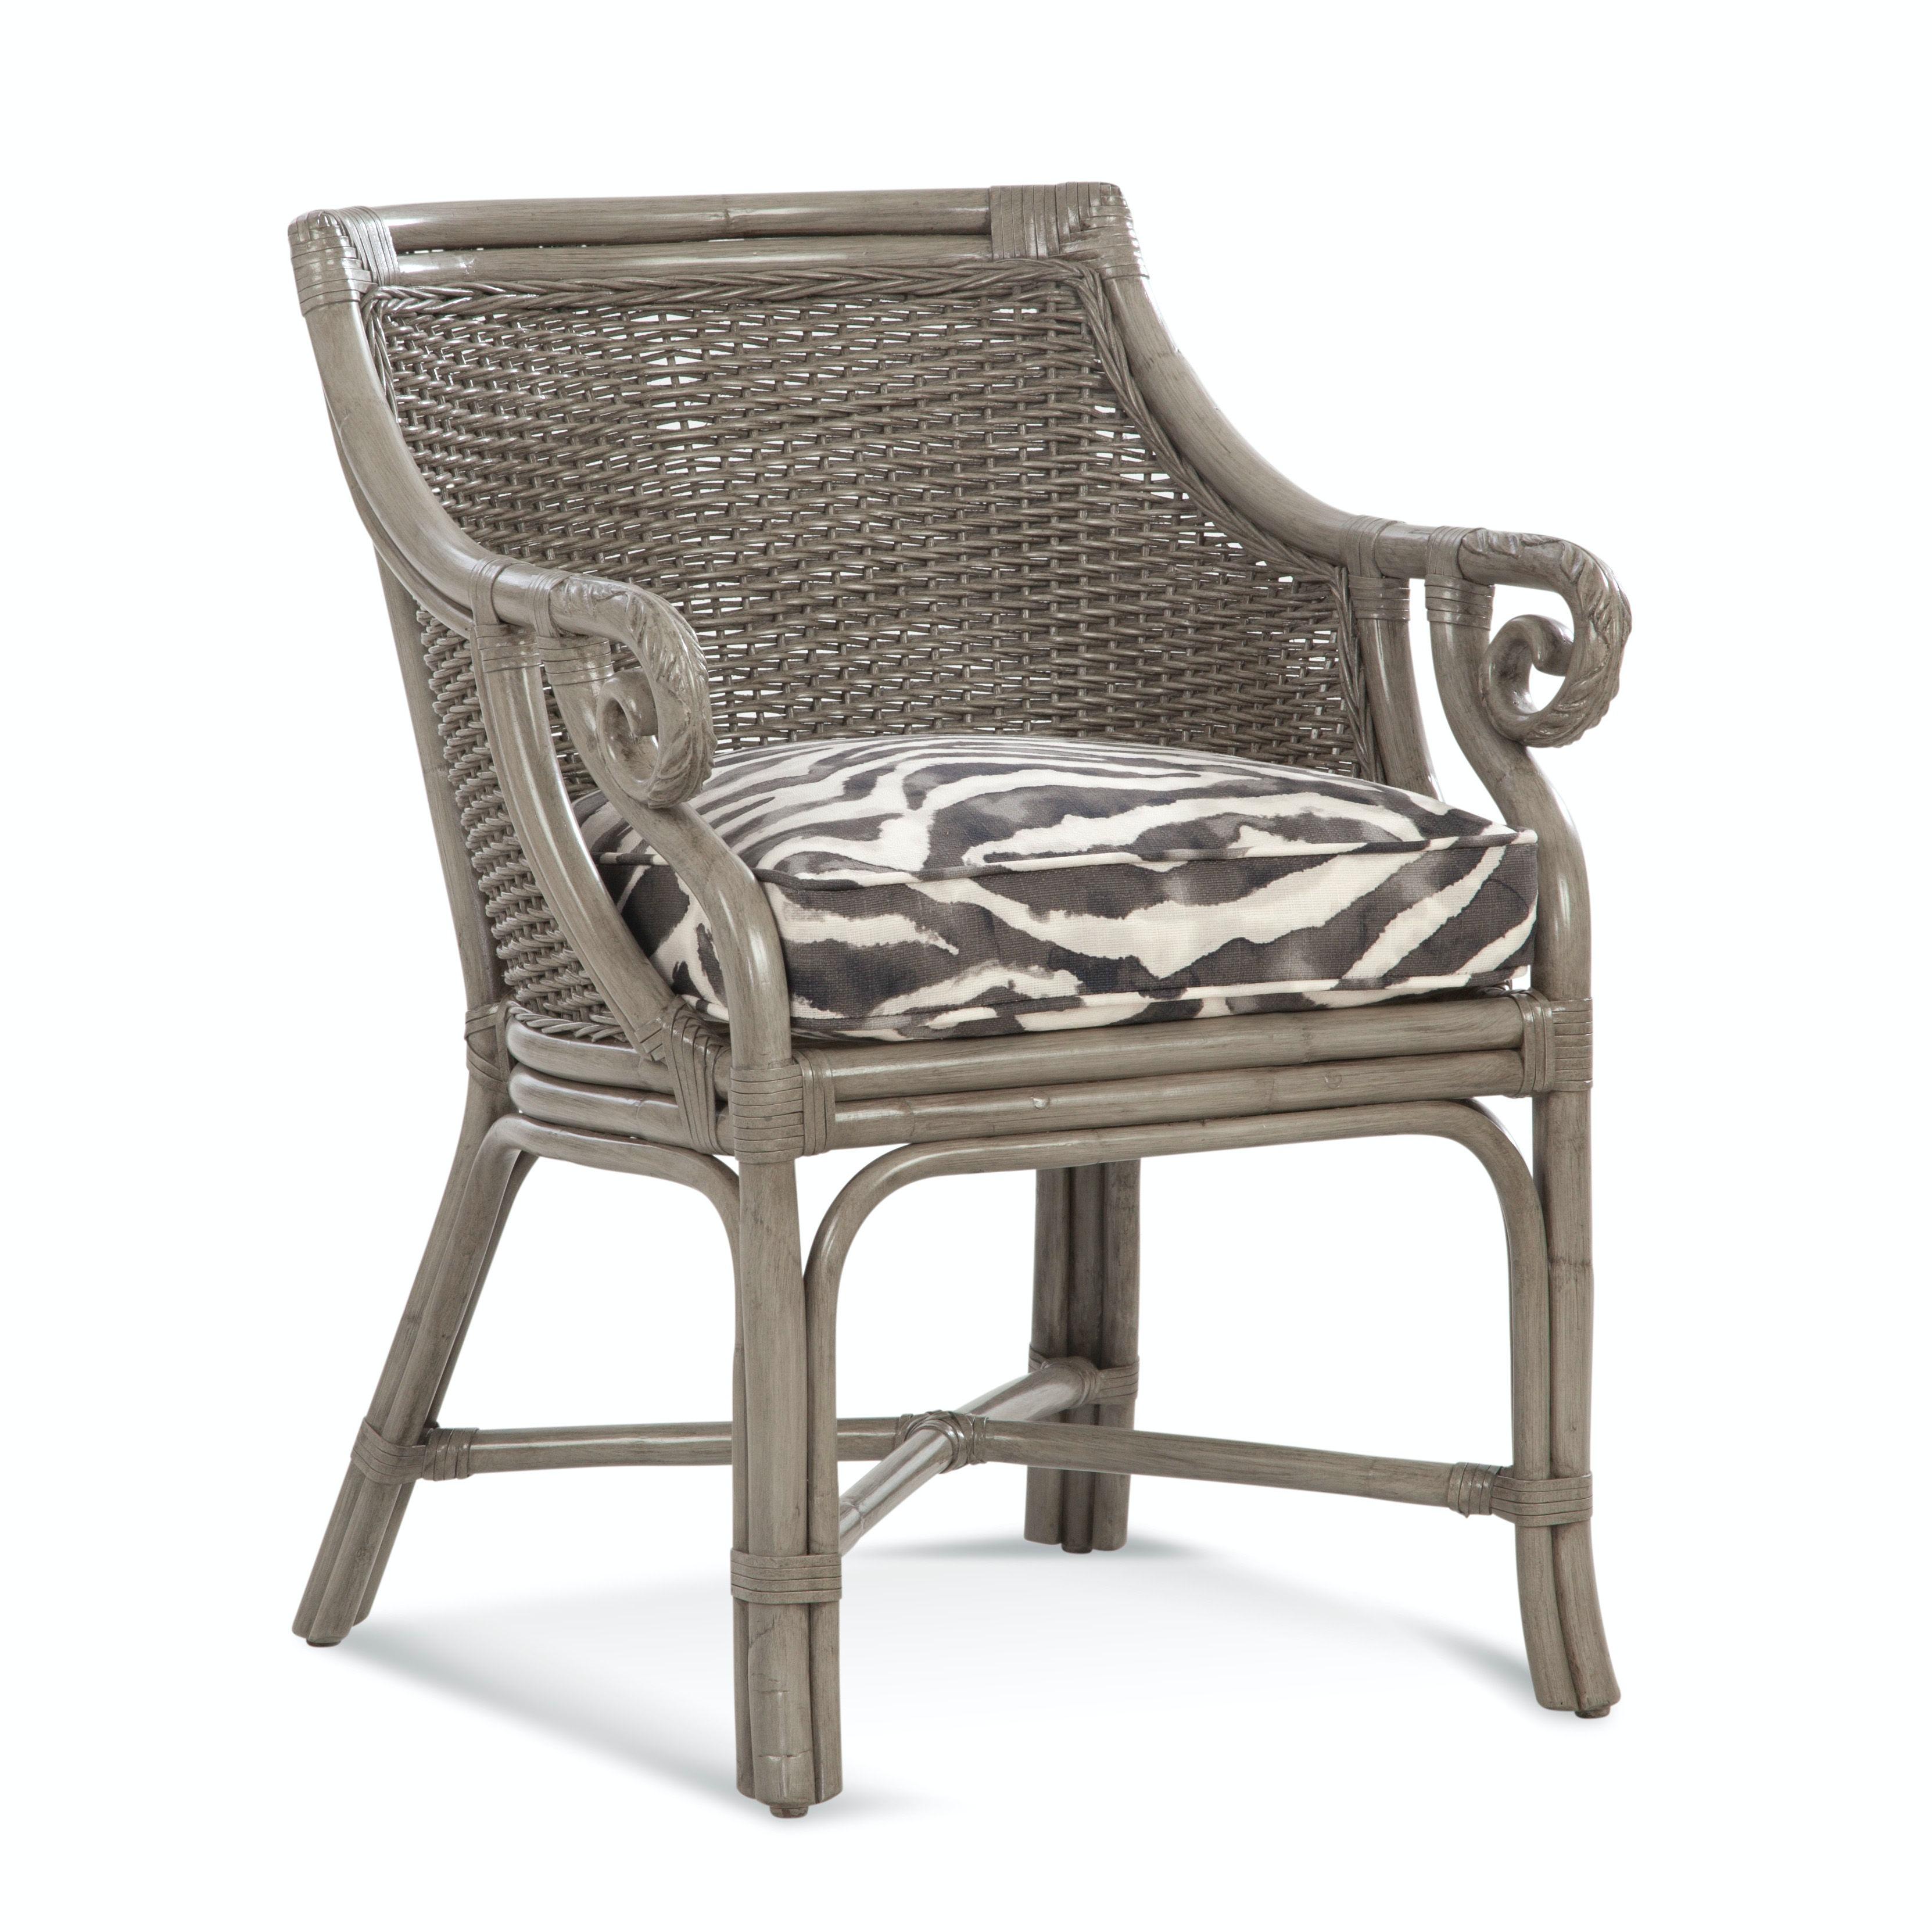 Empress Chair 1020-001